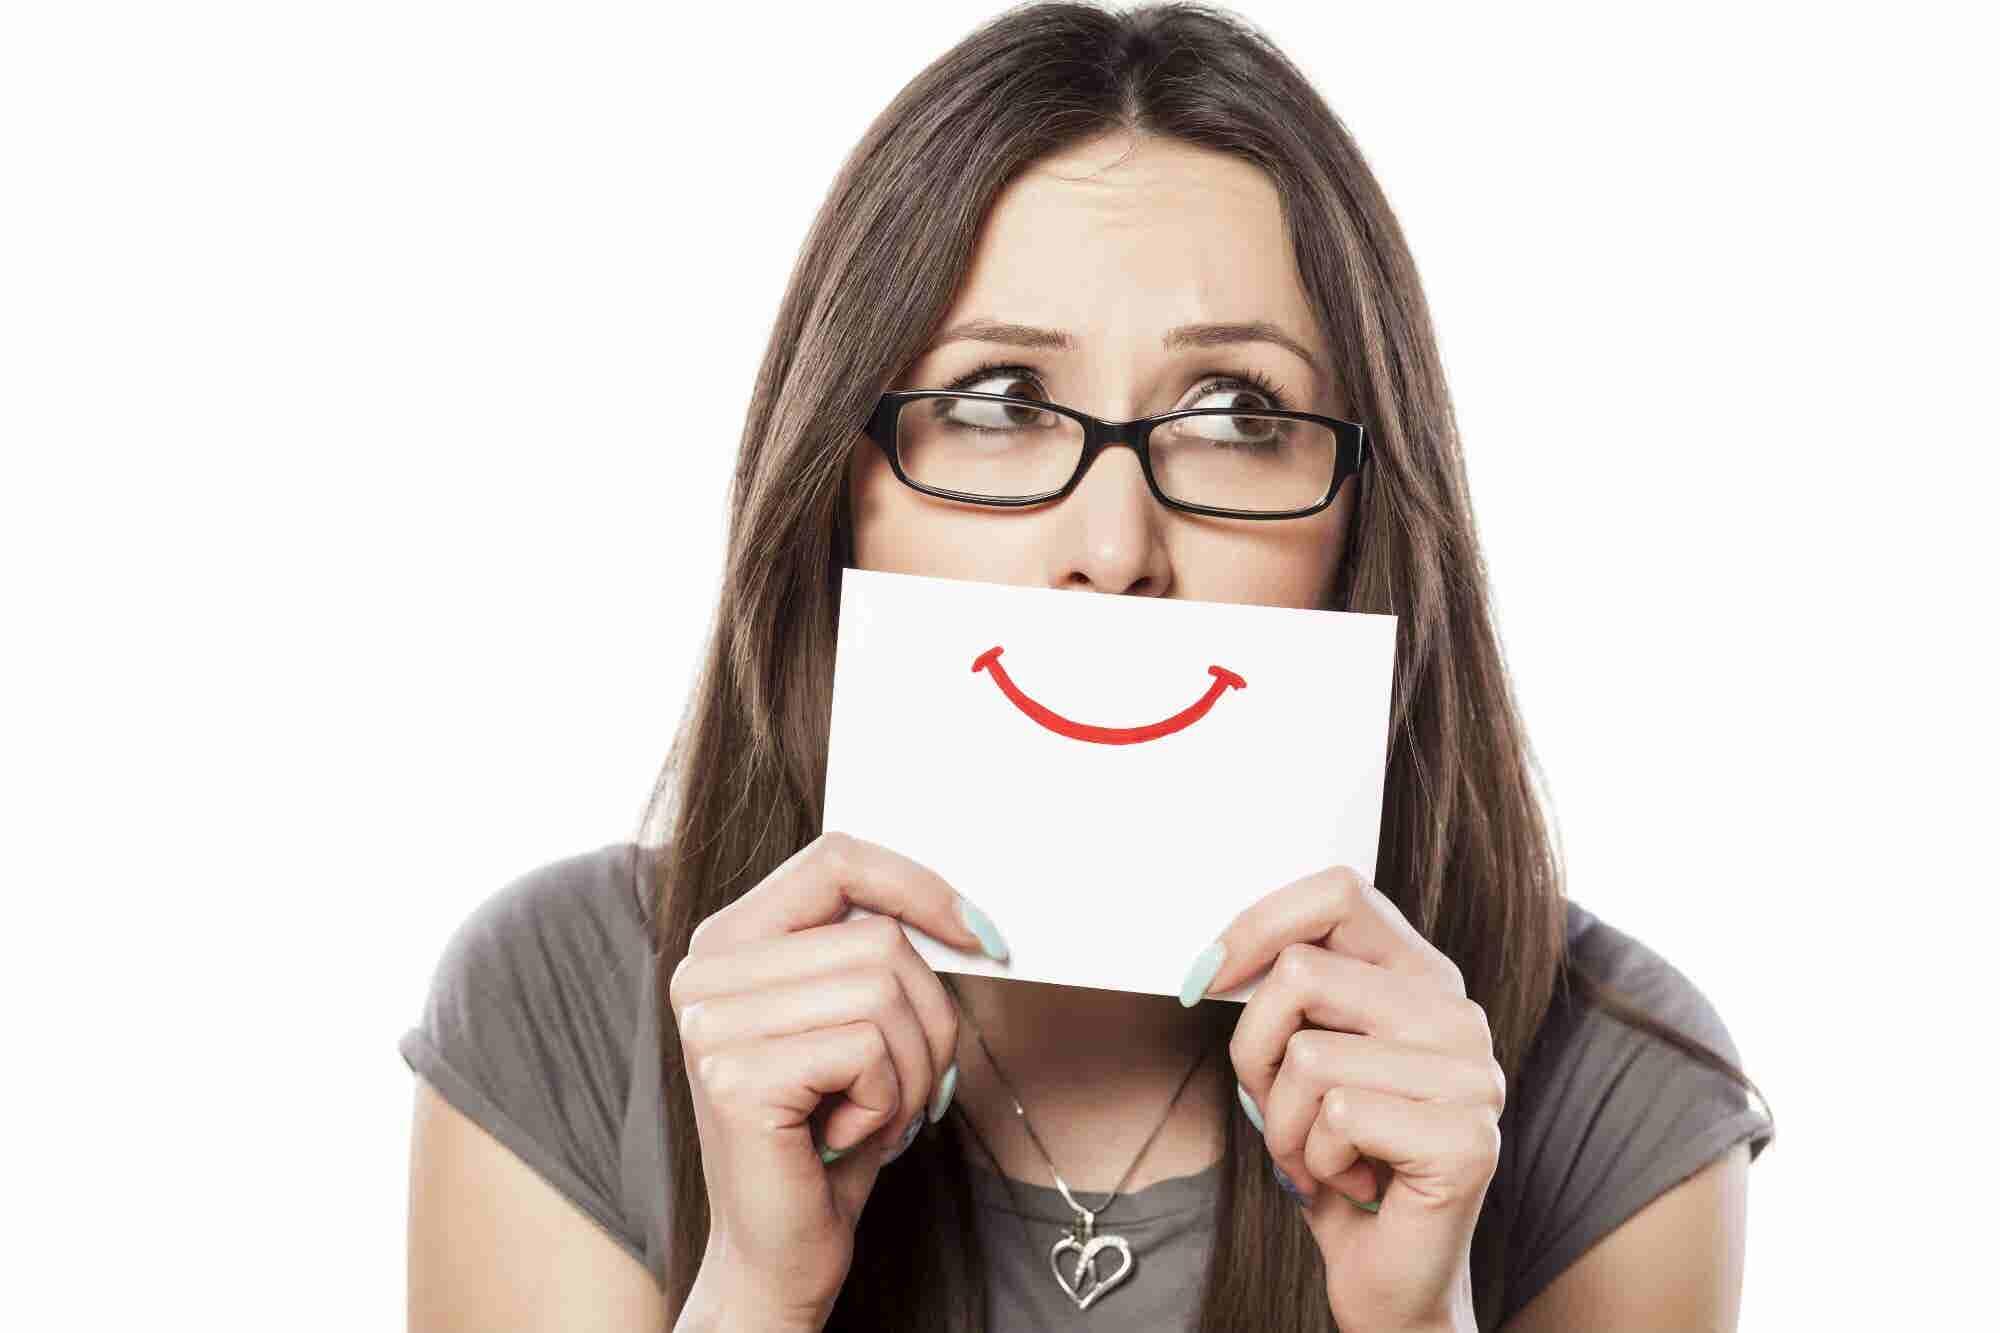 Fingir sonrisas en el trabajo te puede llevar a beber más: estudio